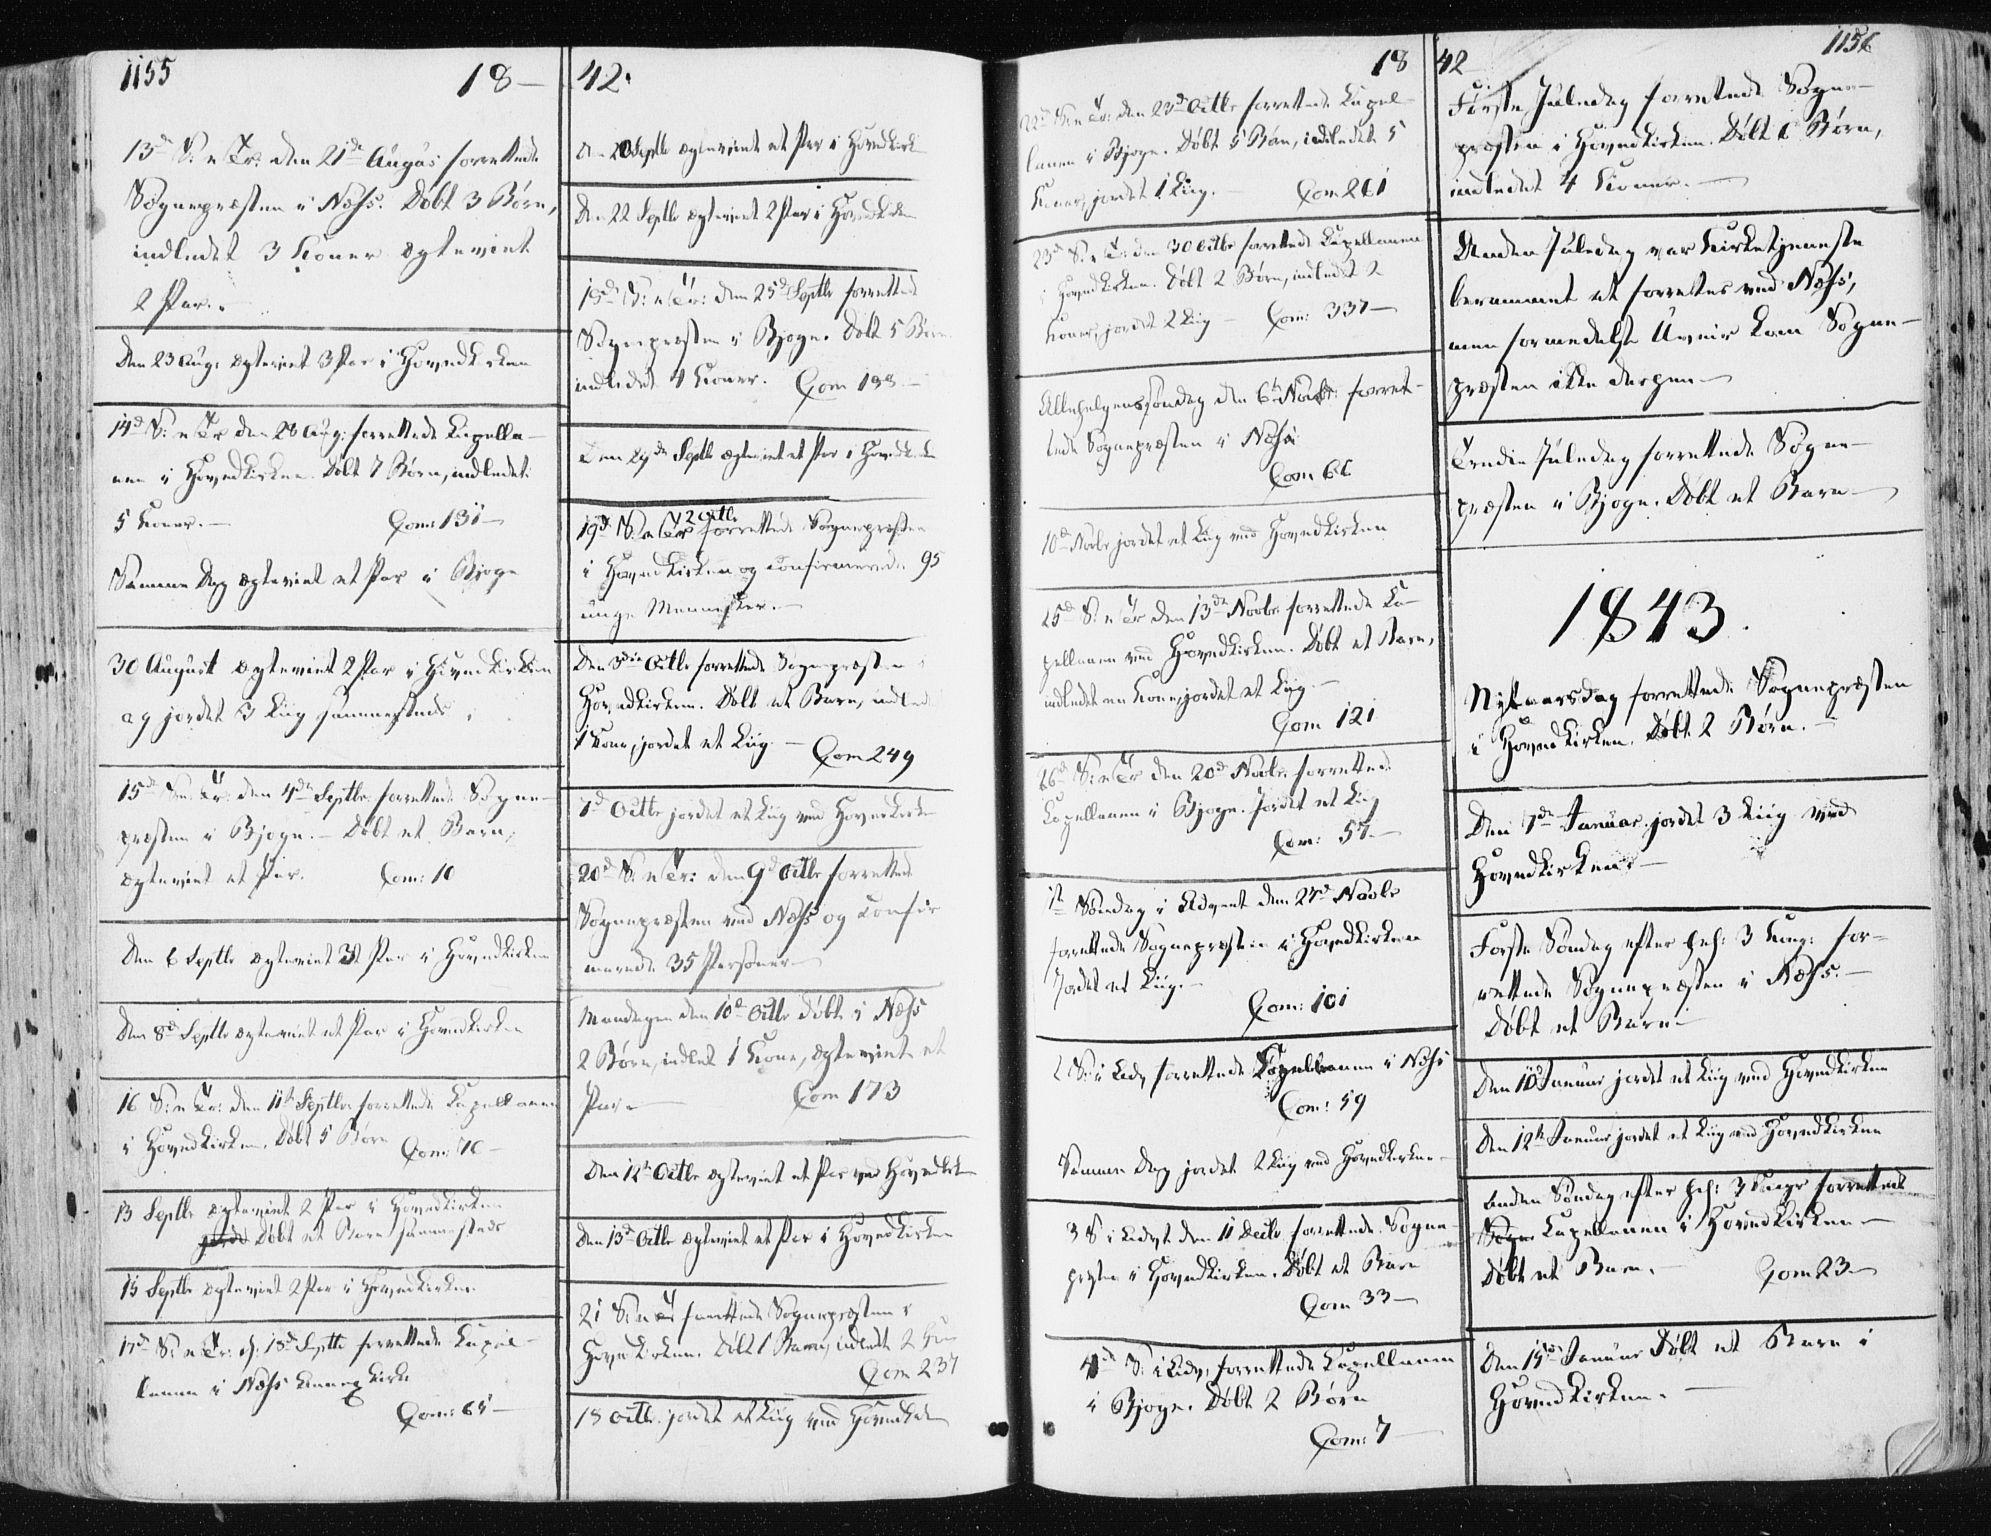 SAT, Ministerialprotokoller, klokkerbøker og fødselsregistre - Sør-Trøndelag, 659/L0736: Ministerialbok nr. 659A06, 1842-1856, s. 1155-1156